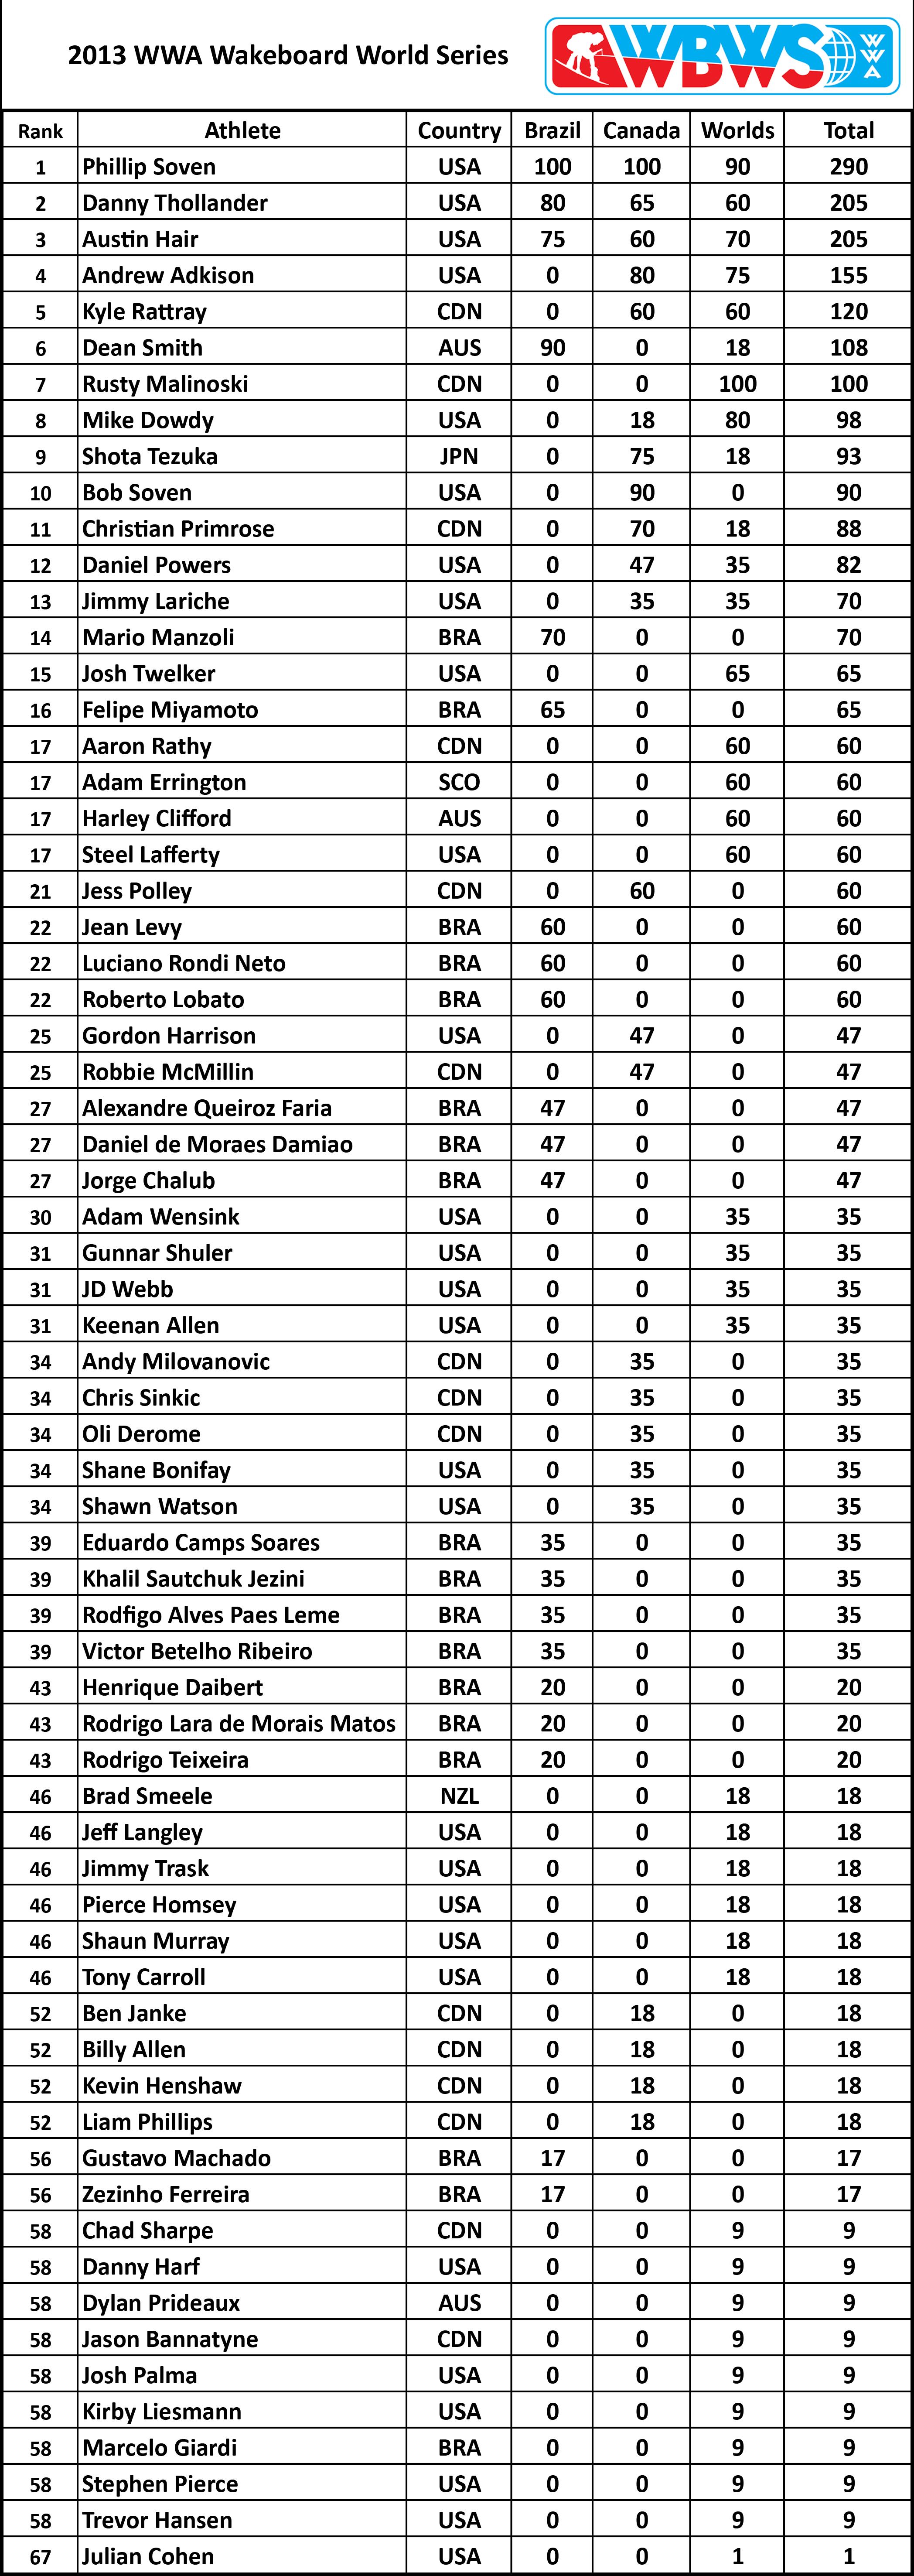 2013 Rankings